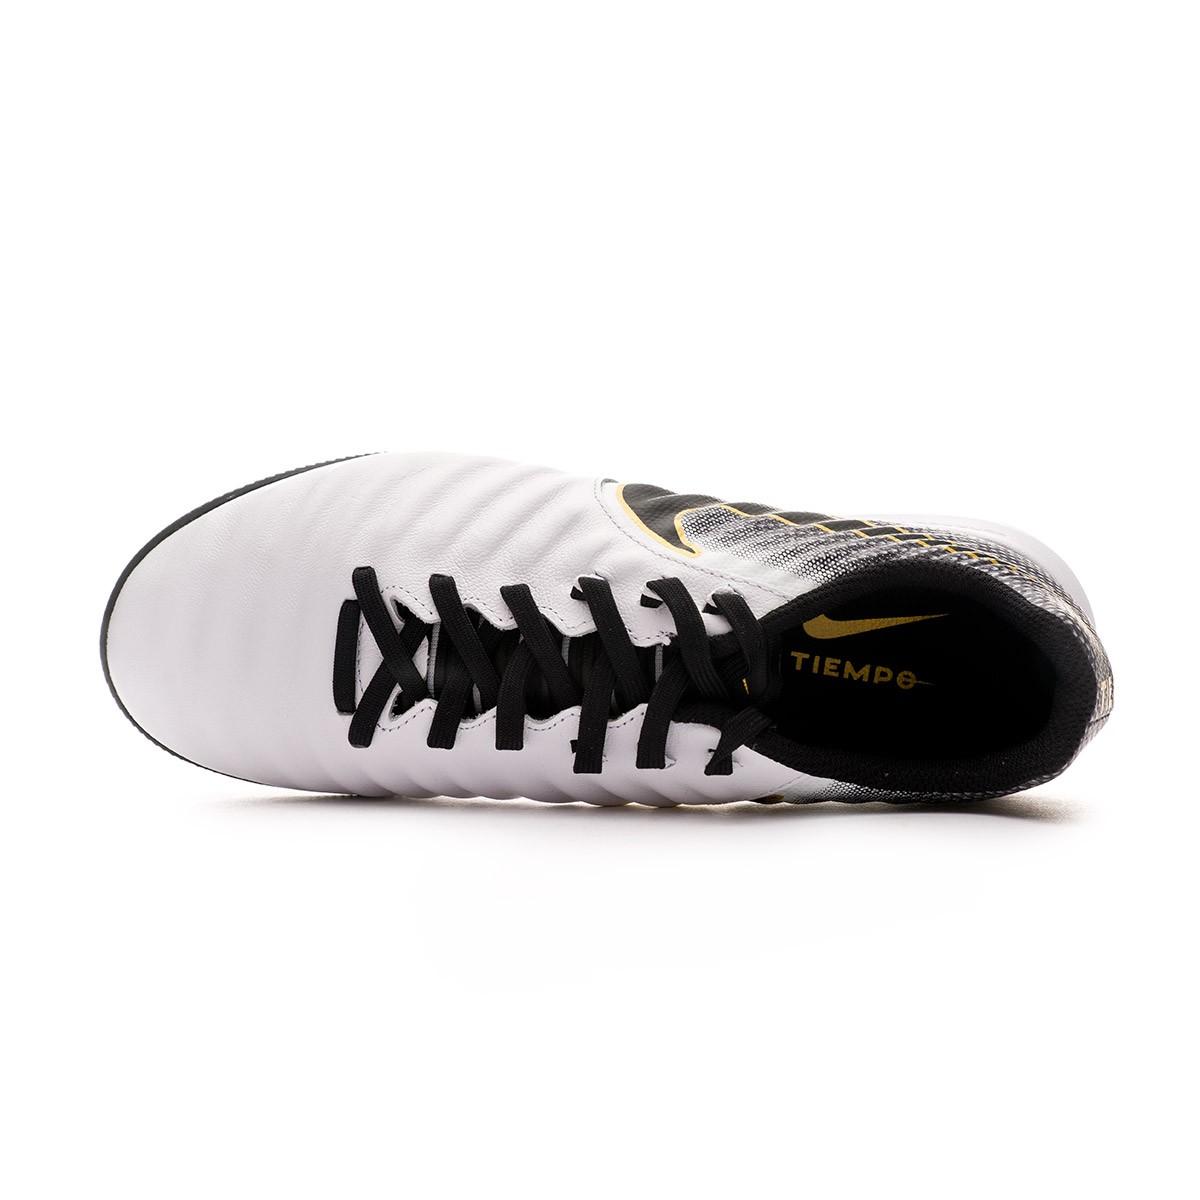 Scarpe Nike Tiempo Lunar LegendX VII Pro Turf